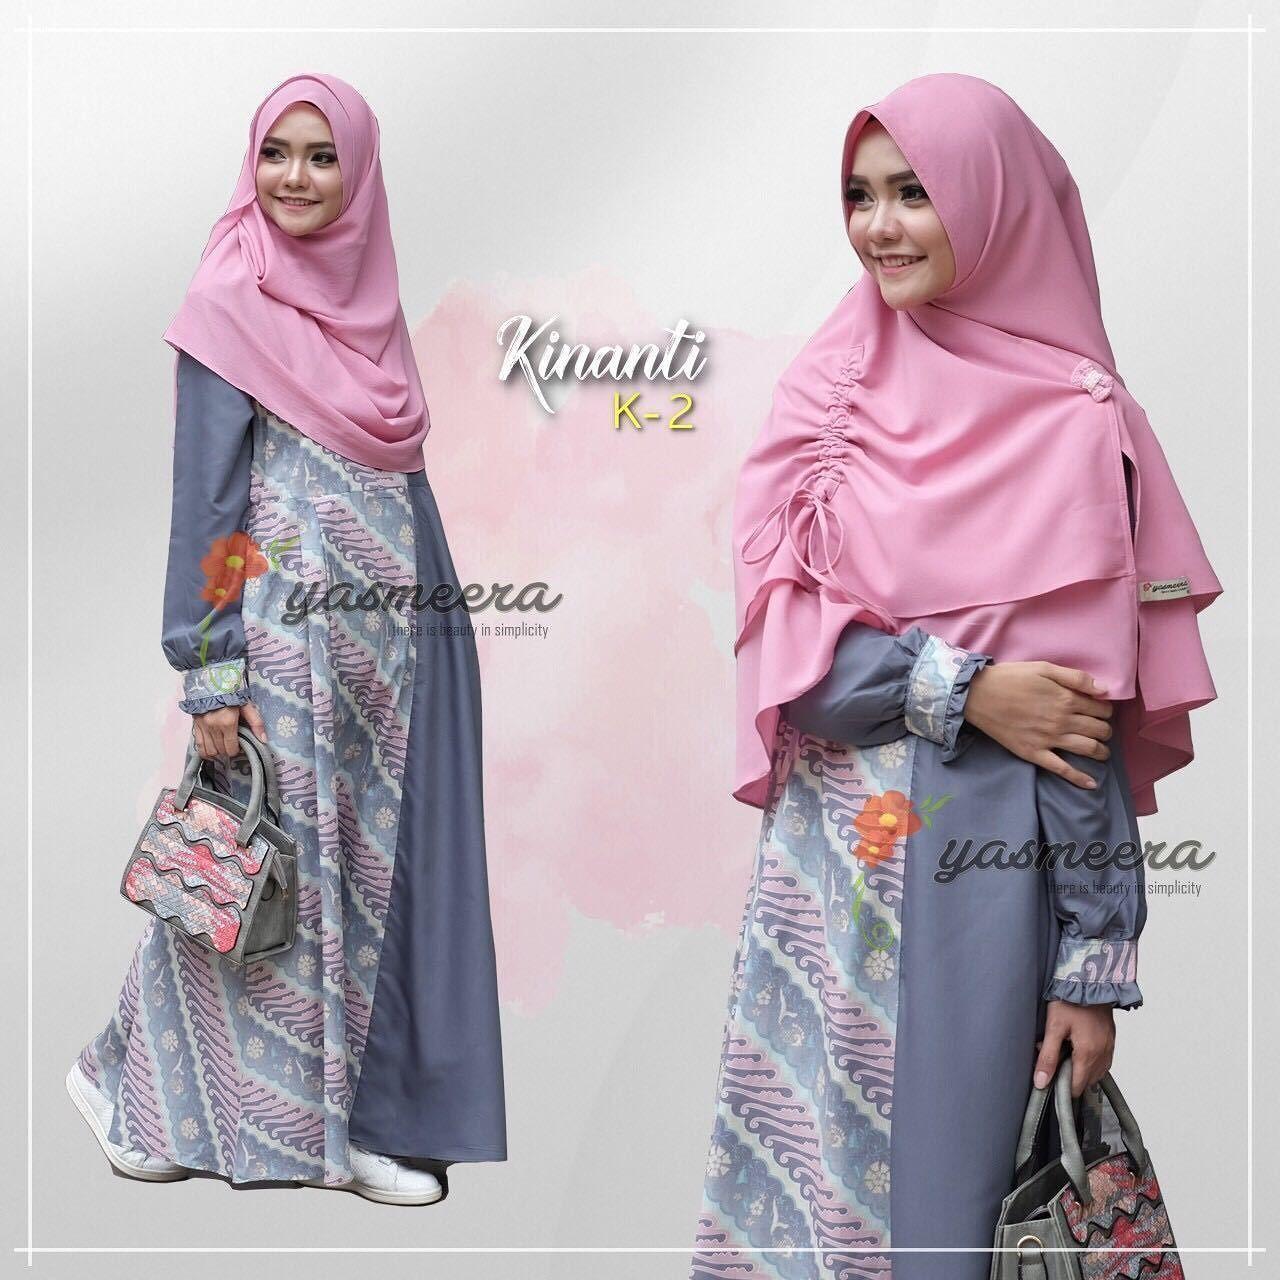 Gamis Yasmeera Kinanti Dress K12 - baju gamis wanita busana muslim